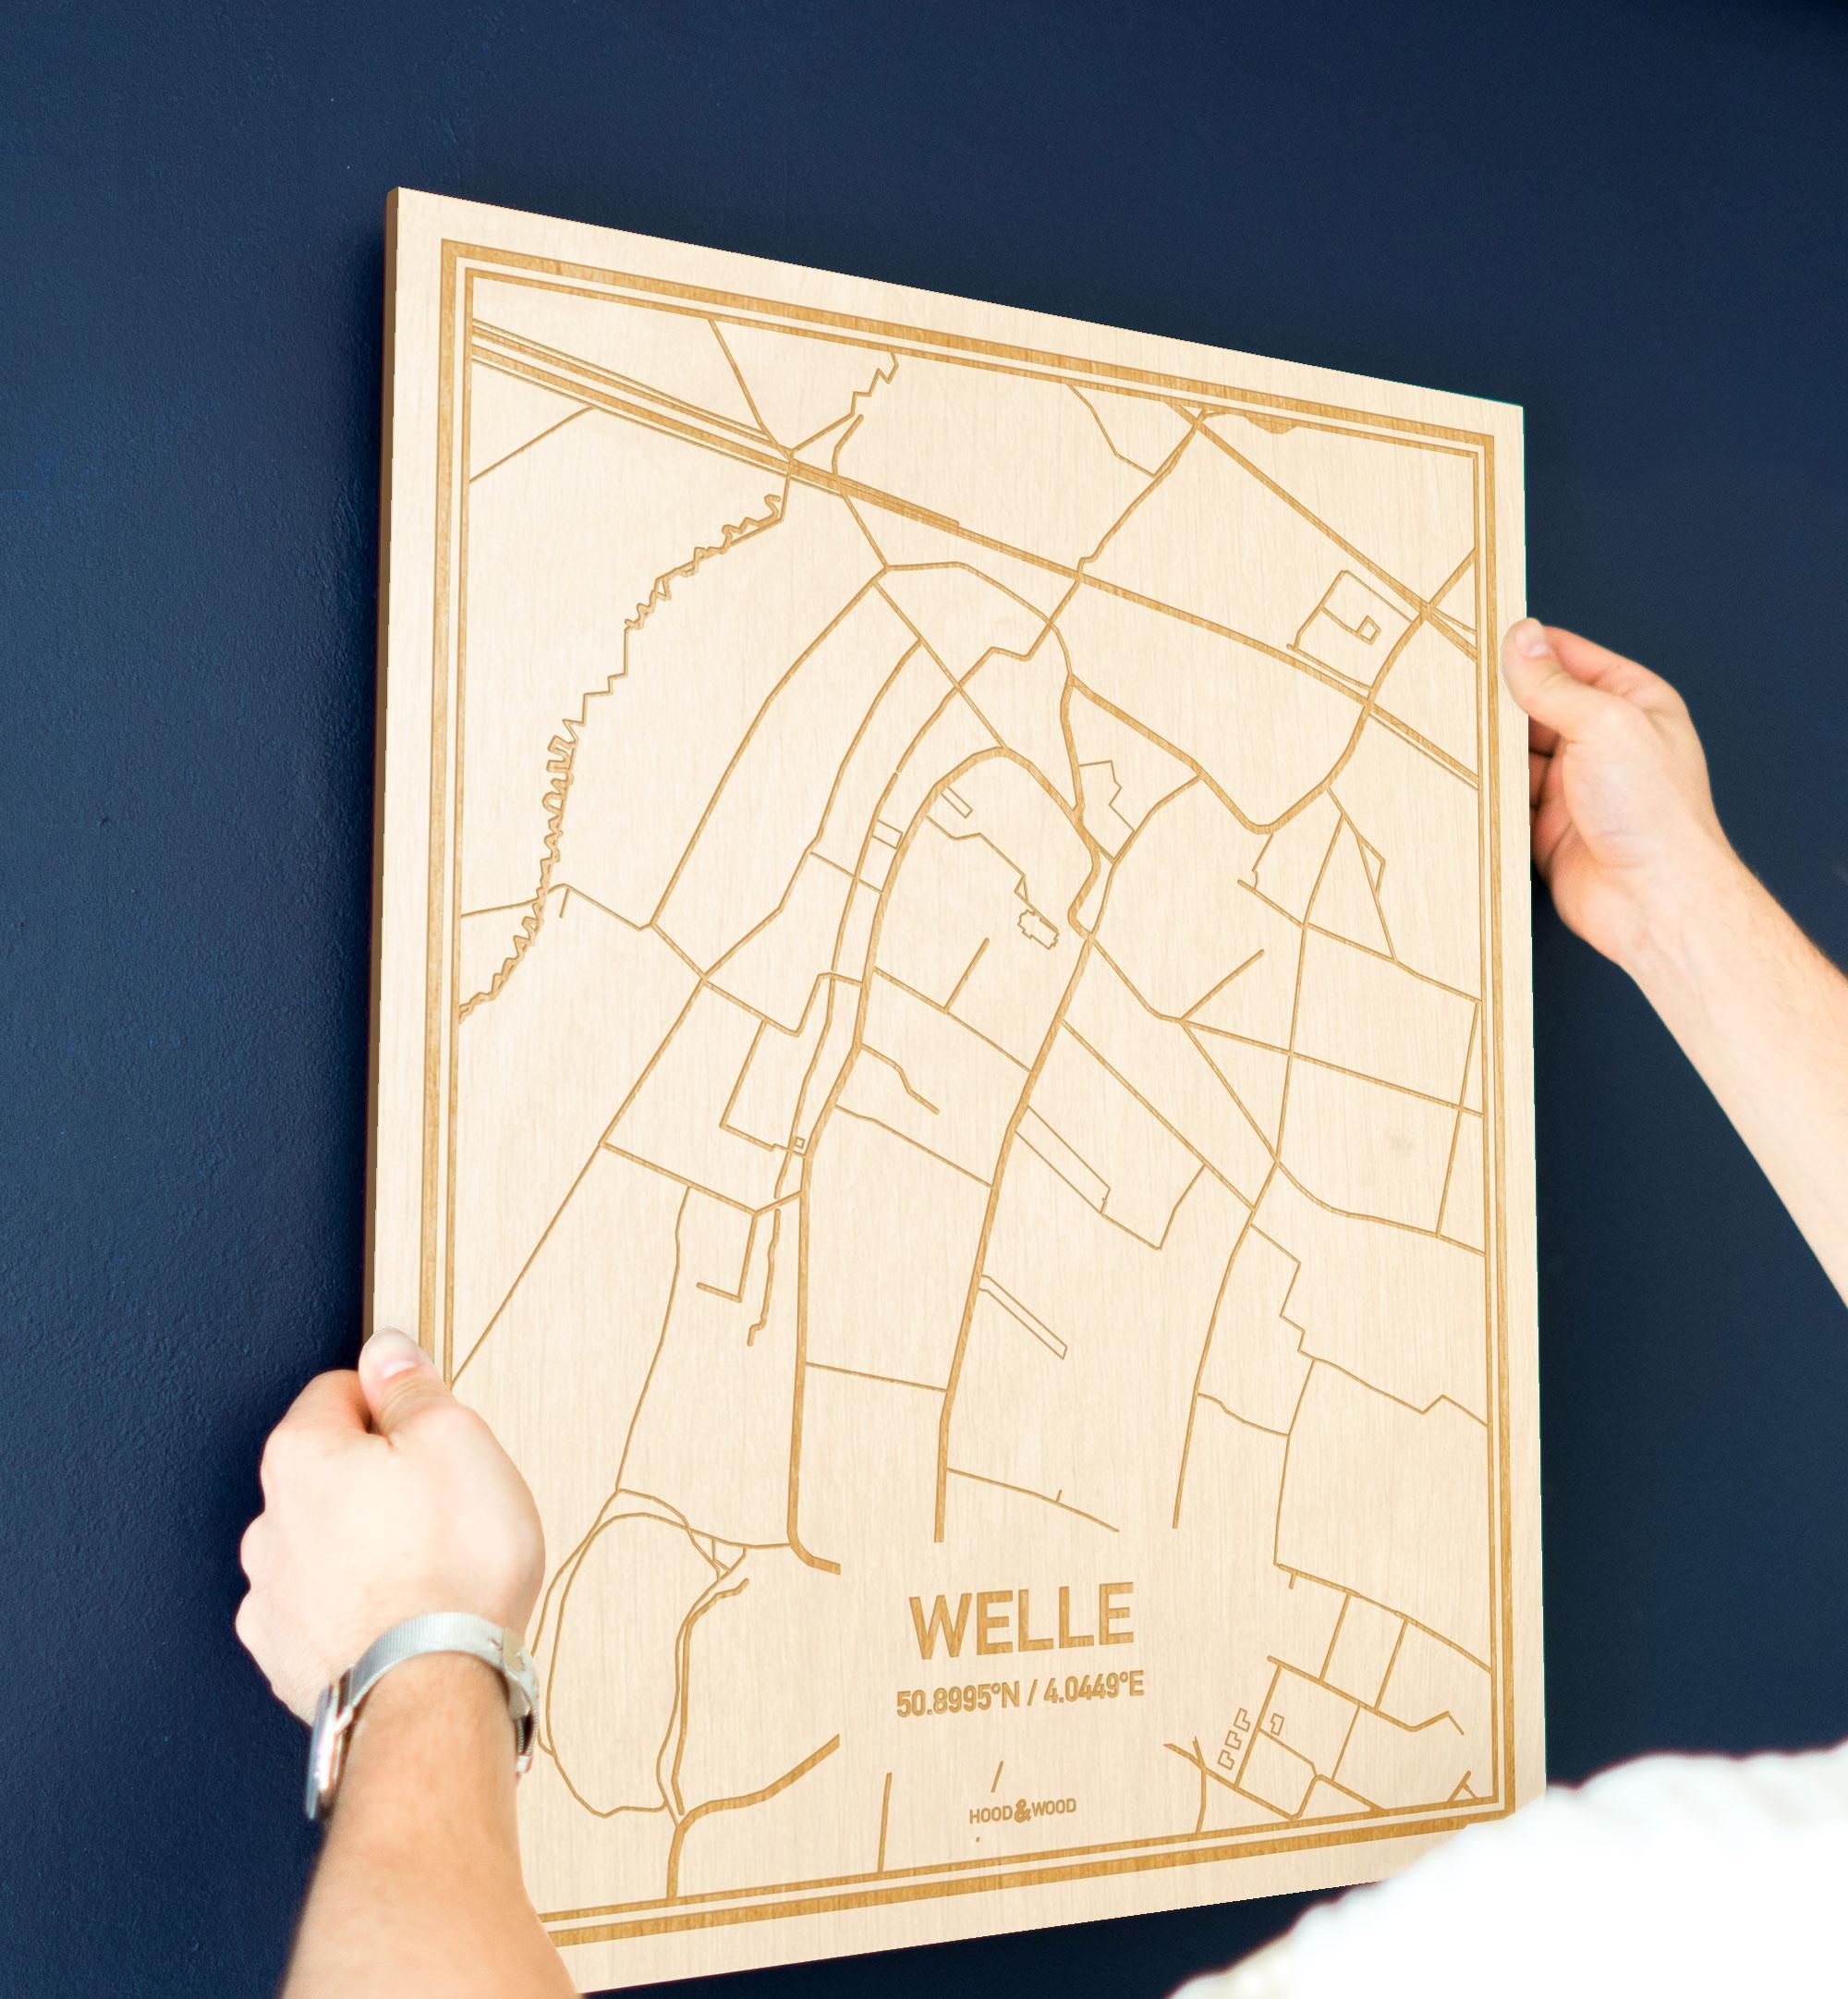 Een man hangt de houten plattegrond Welle aan zijn blauwe muur ter decoratie. Je ziet alleen zijn handen de kaart van deze originele in Oost-Vlaanderen  vasthouden.